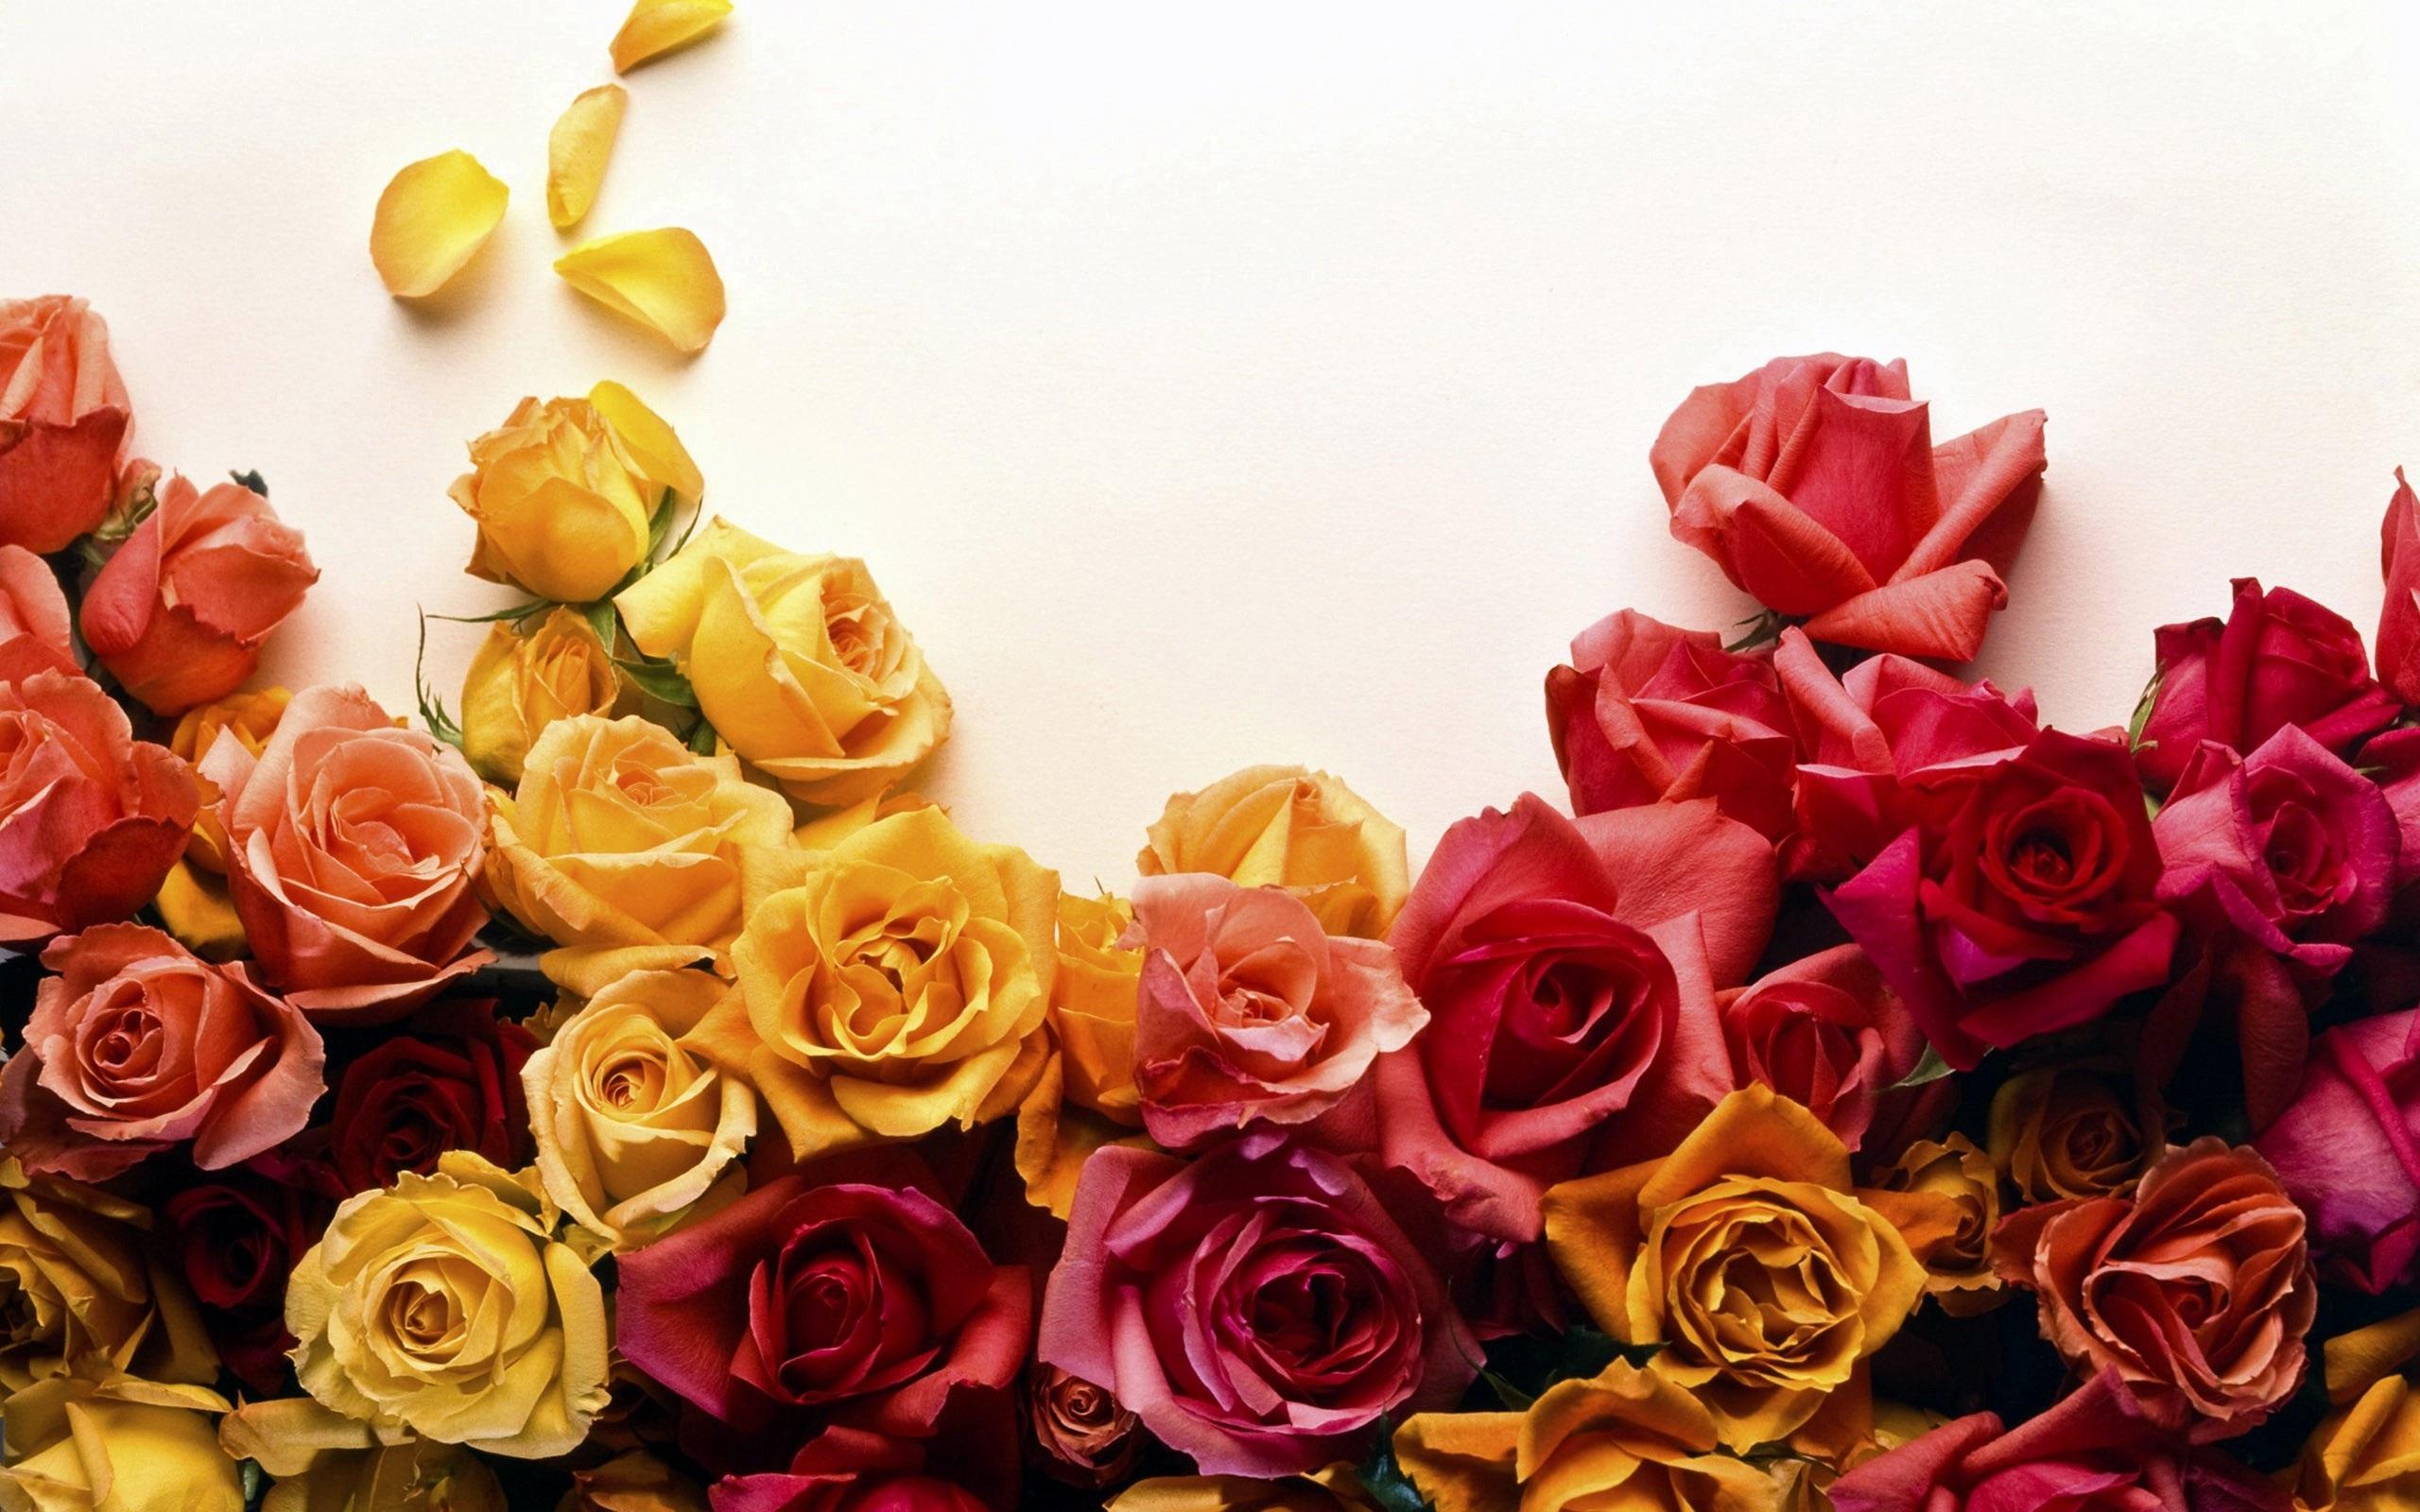 Papéis De Parede Rosas Amarelas E Vermelhas Fundo Branco 2560x1600